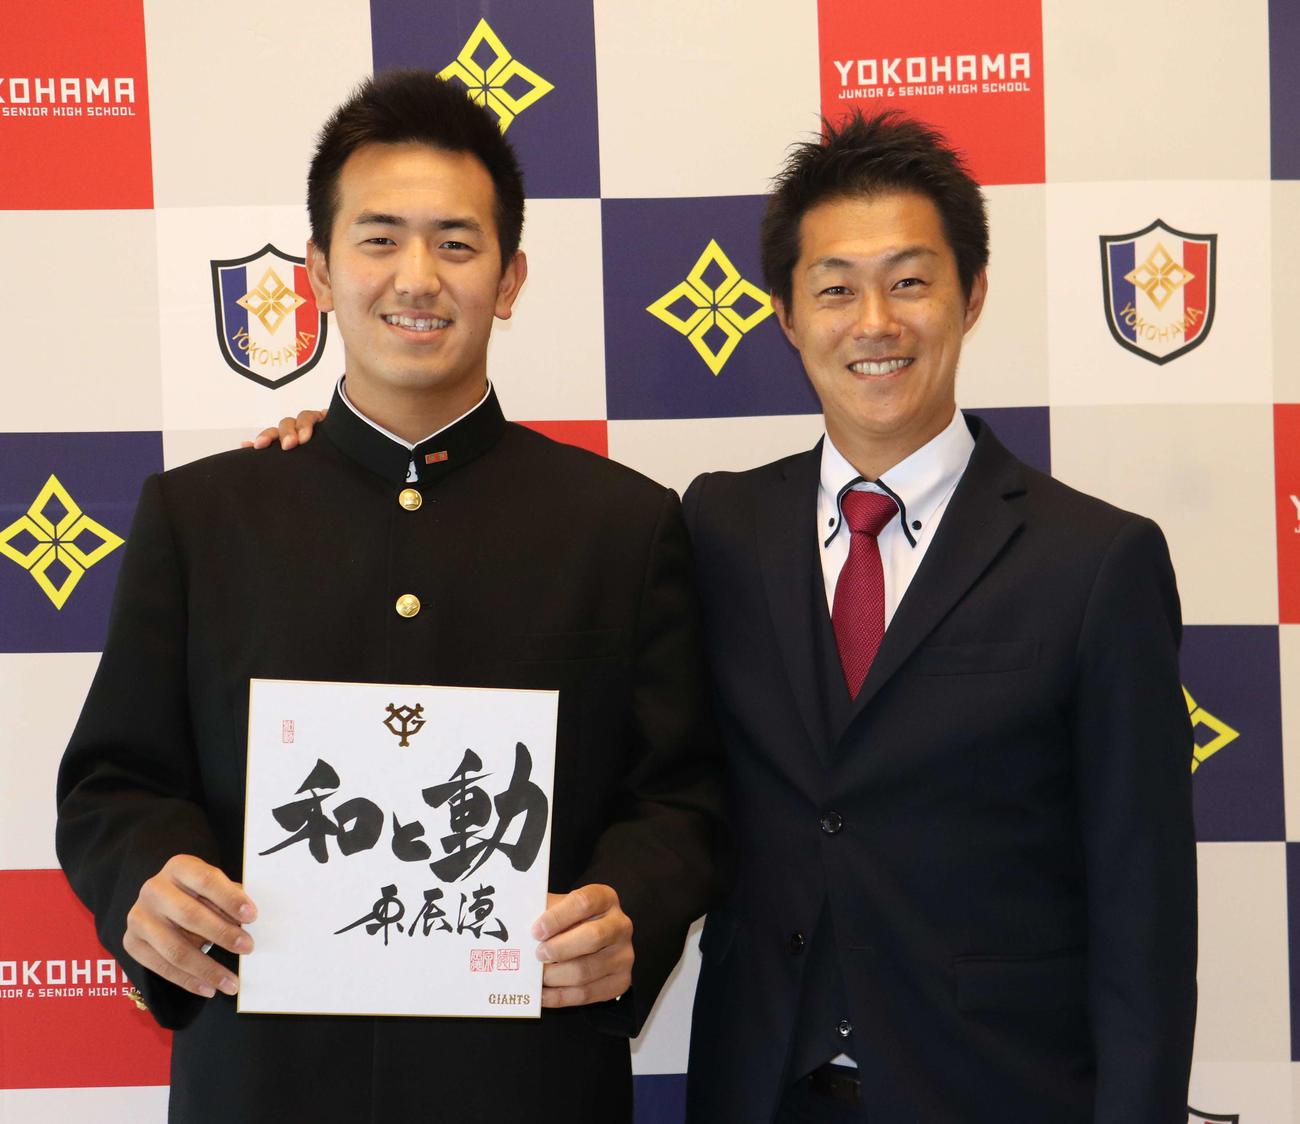 巨人円谷スカウト(右)に指名あいさつを受けて笑顔を見せる横浜・木下(左)(撮影・小早川宗一郎)